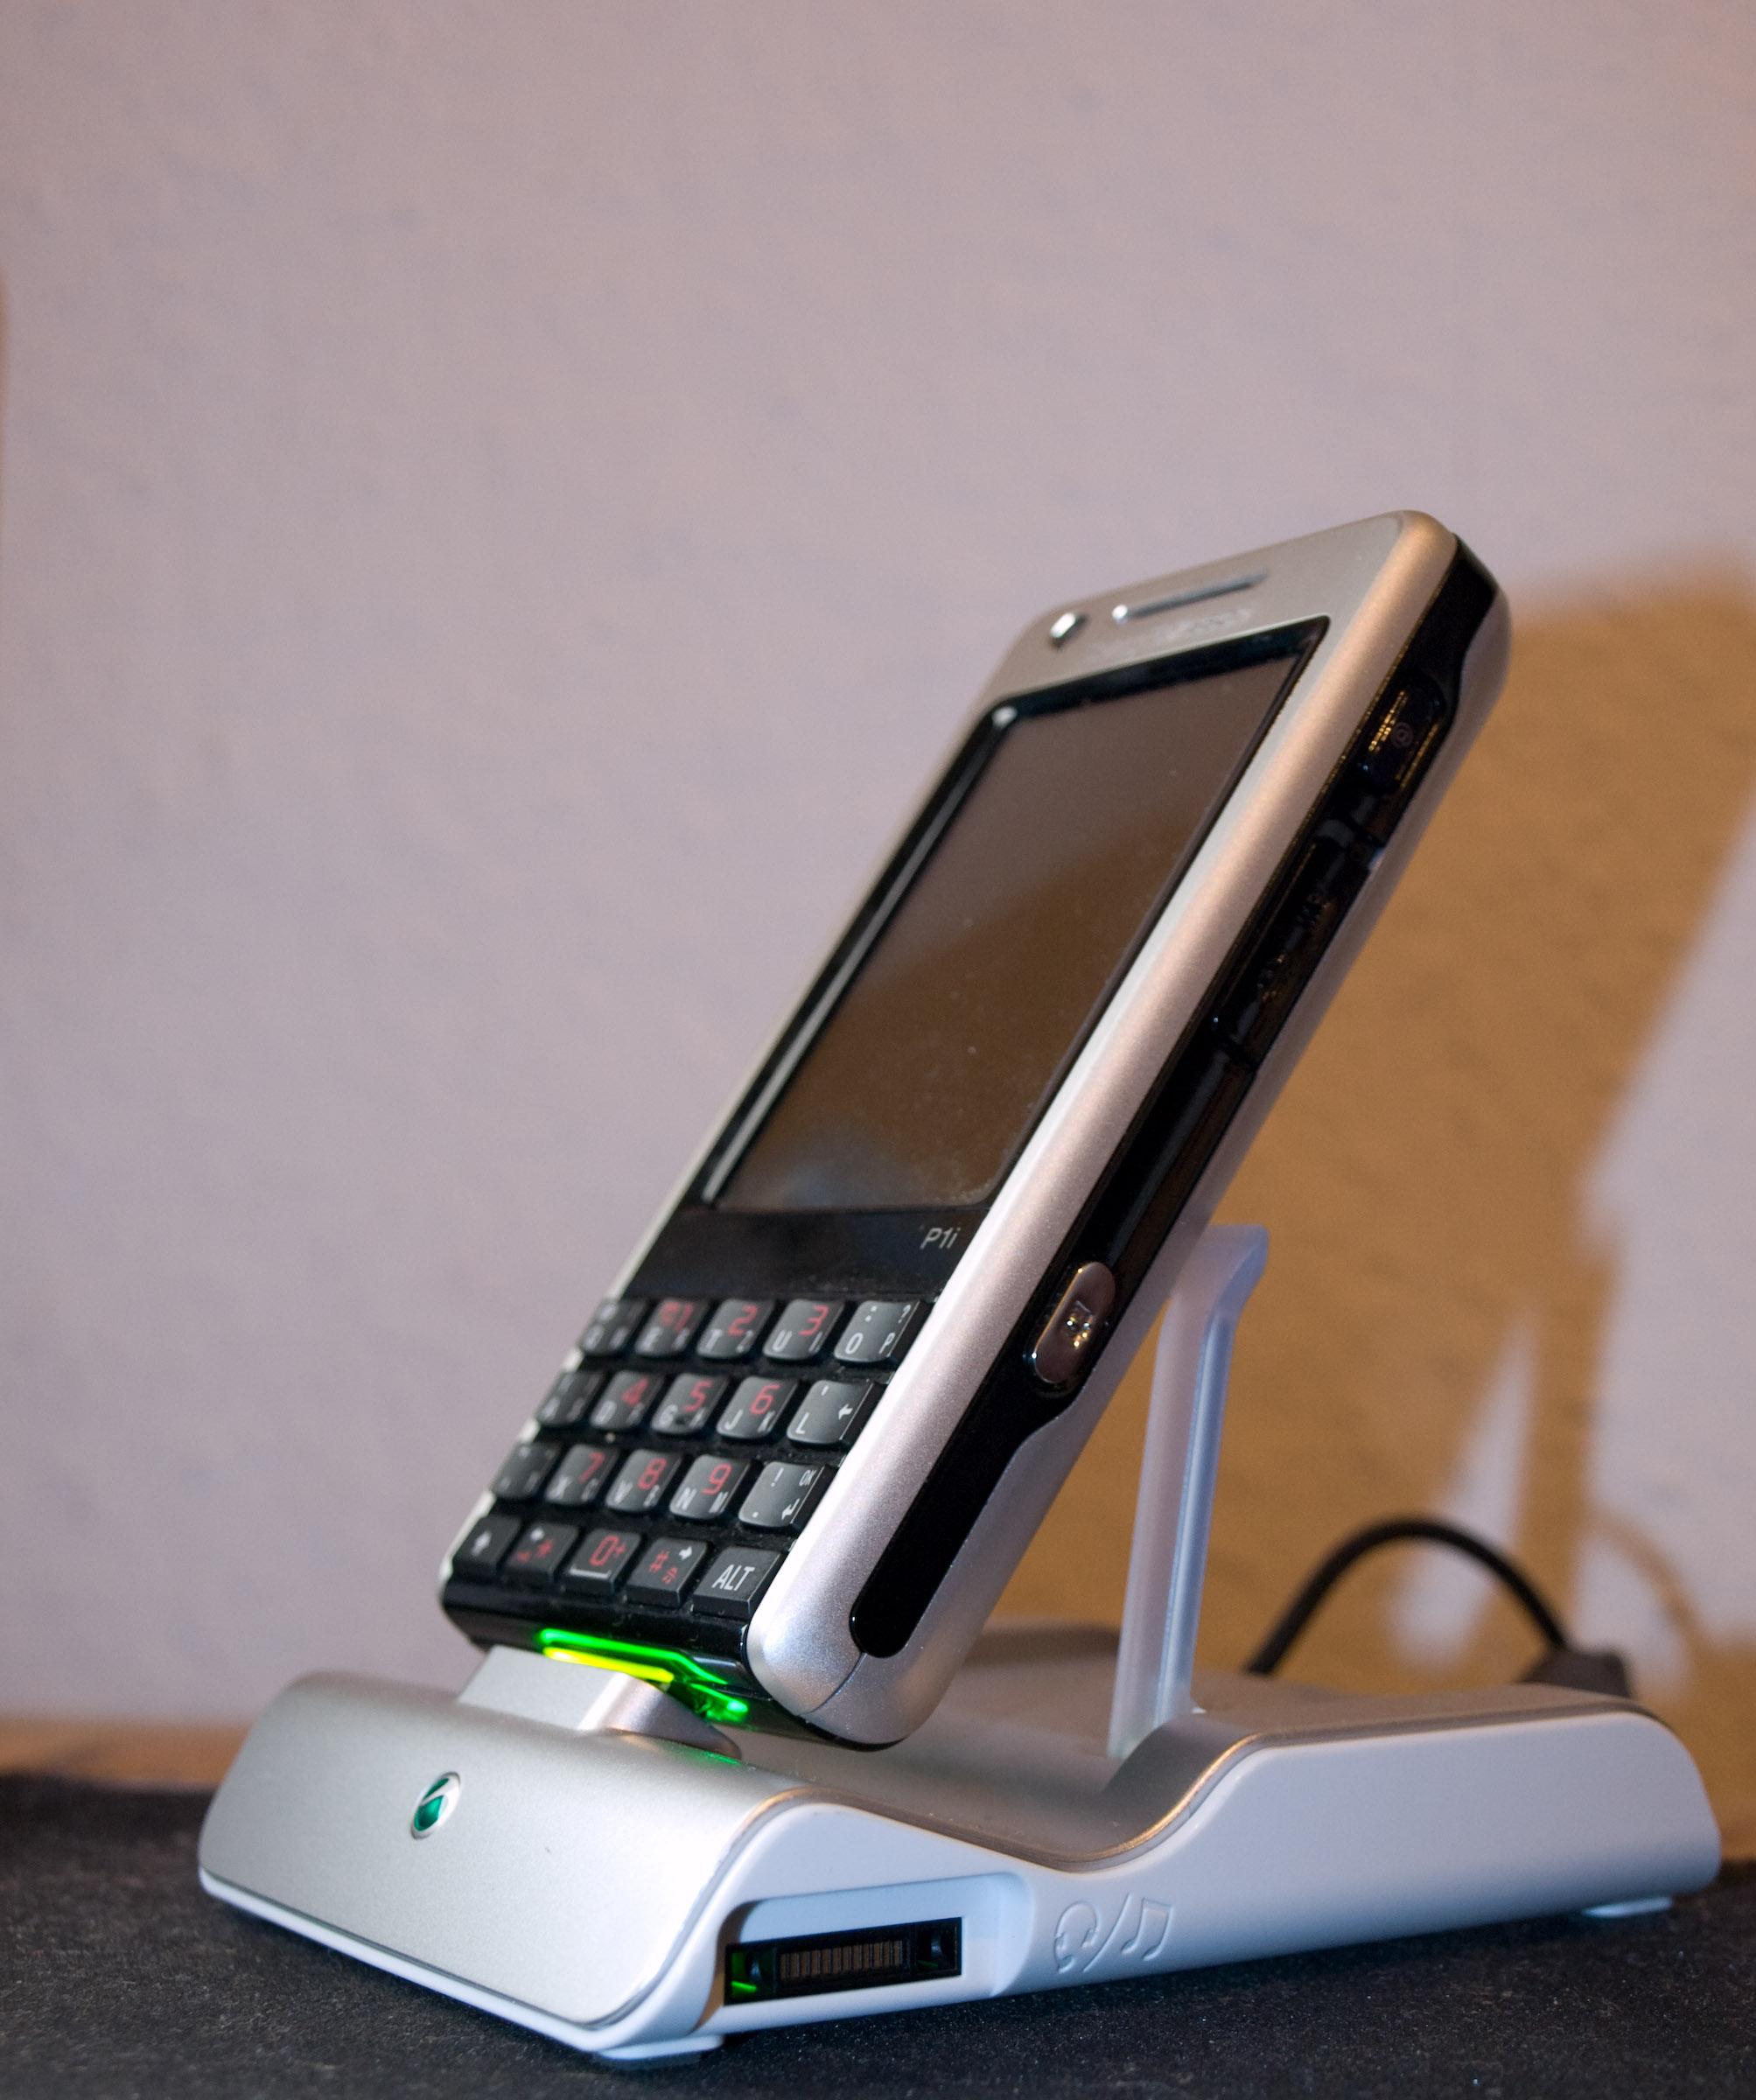 Полезные файлы для телефонов sonyericsson, разблокировать sonyericsson, прошить sonyericsson, перепрошить, драйвер sonyericsson, обновить прошивку sonyericsson - обновите ваш телефон для обеспечения наилучшей производительности и доступа к новейшим функциям